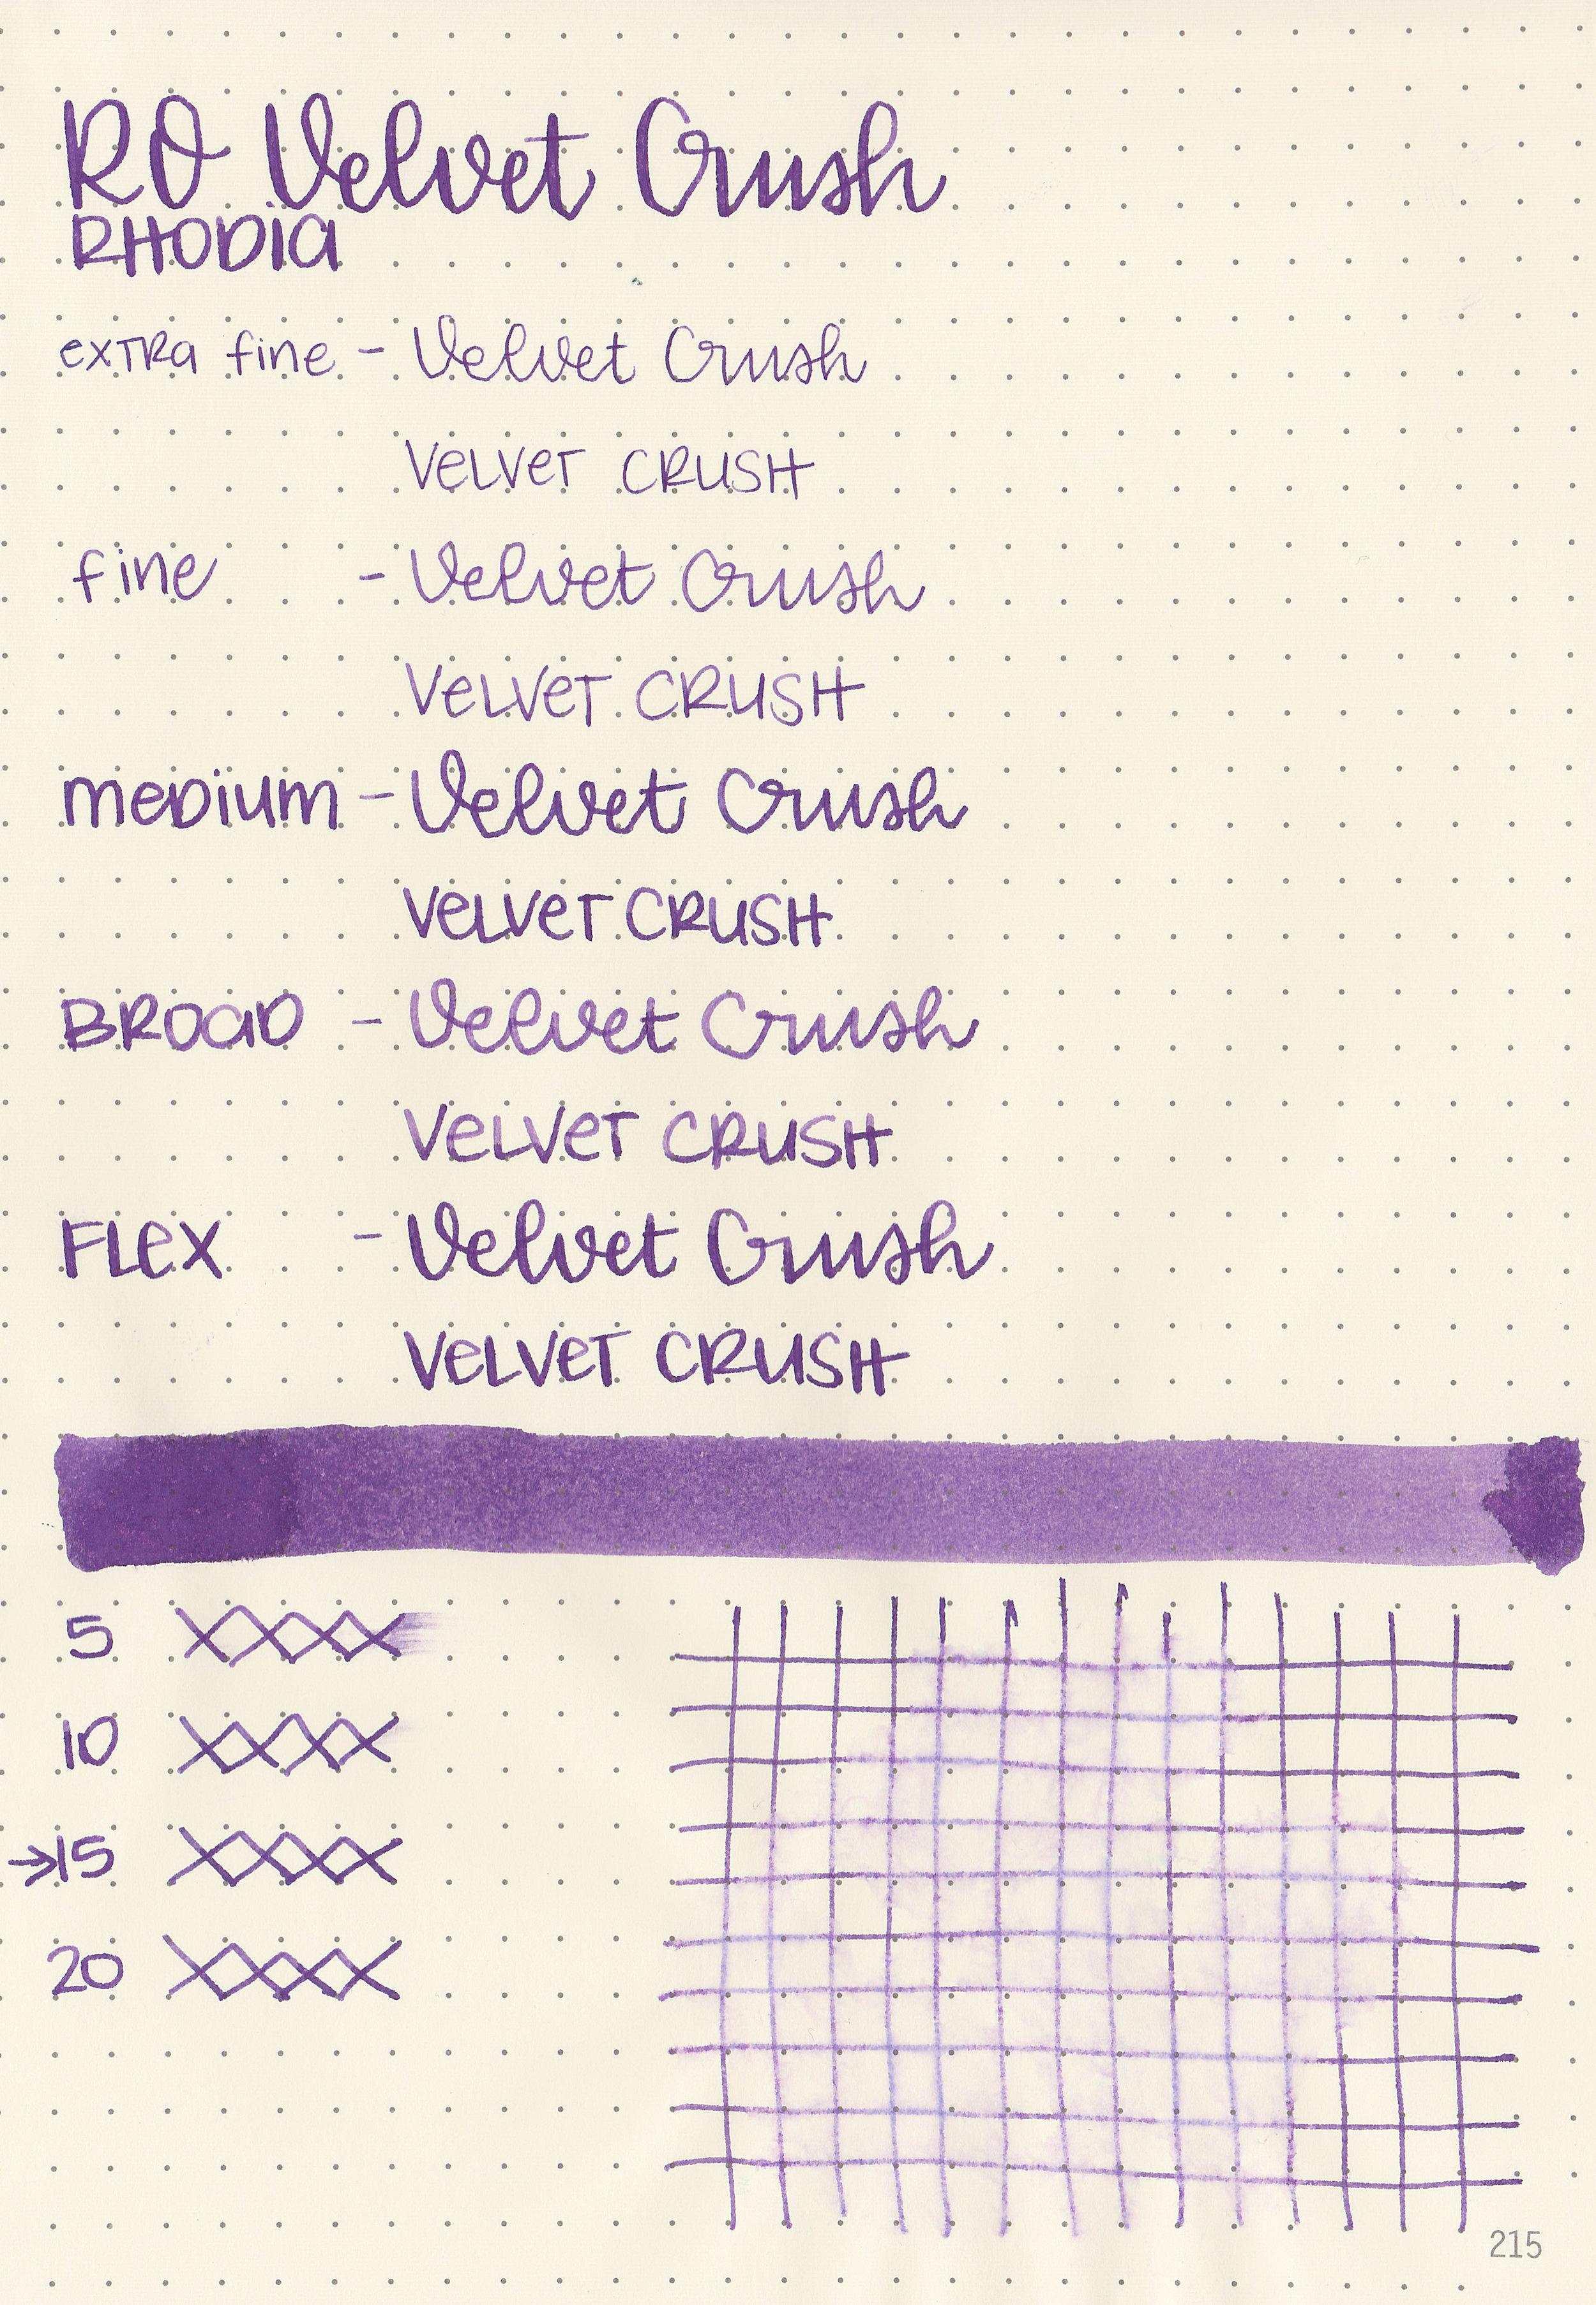 ro-velvet-crush-5.jpg